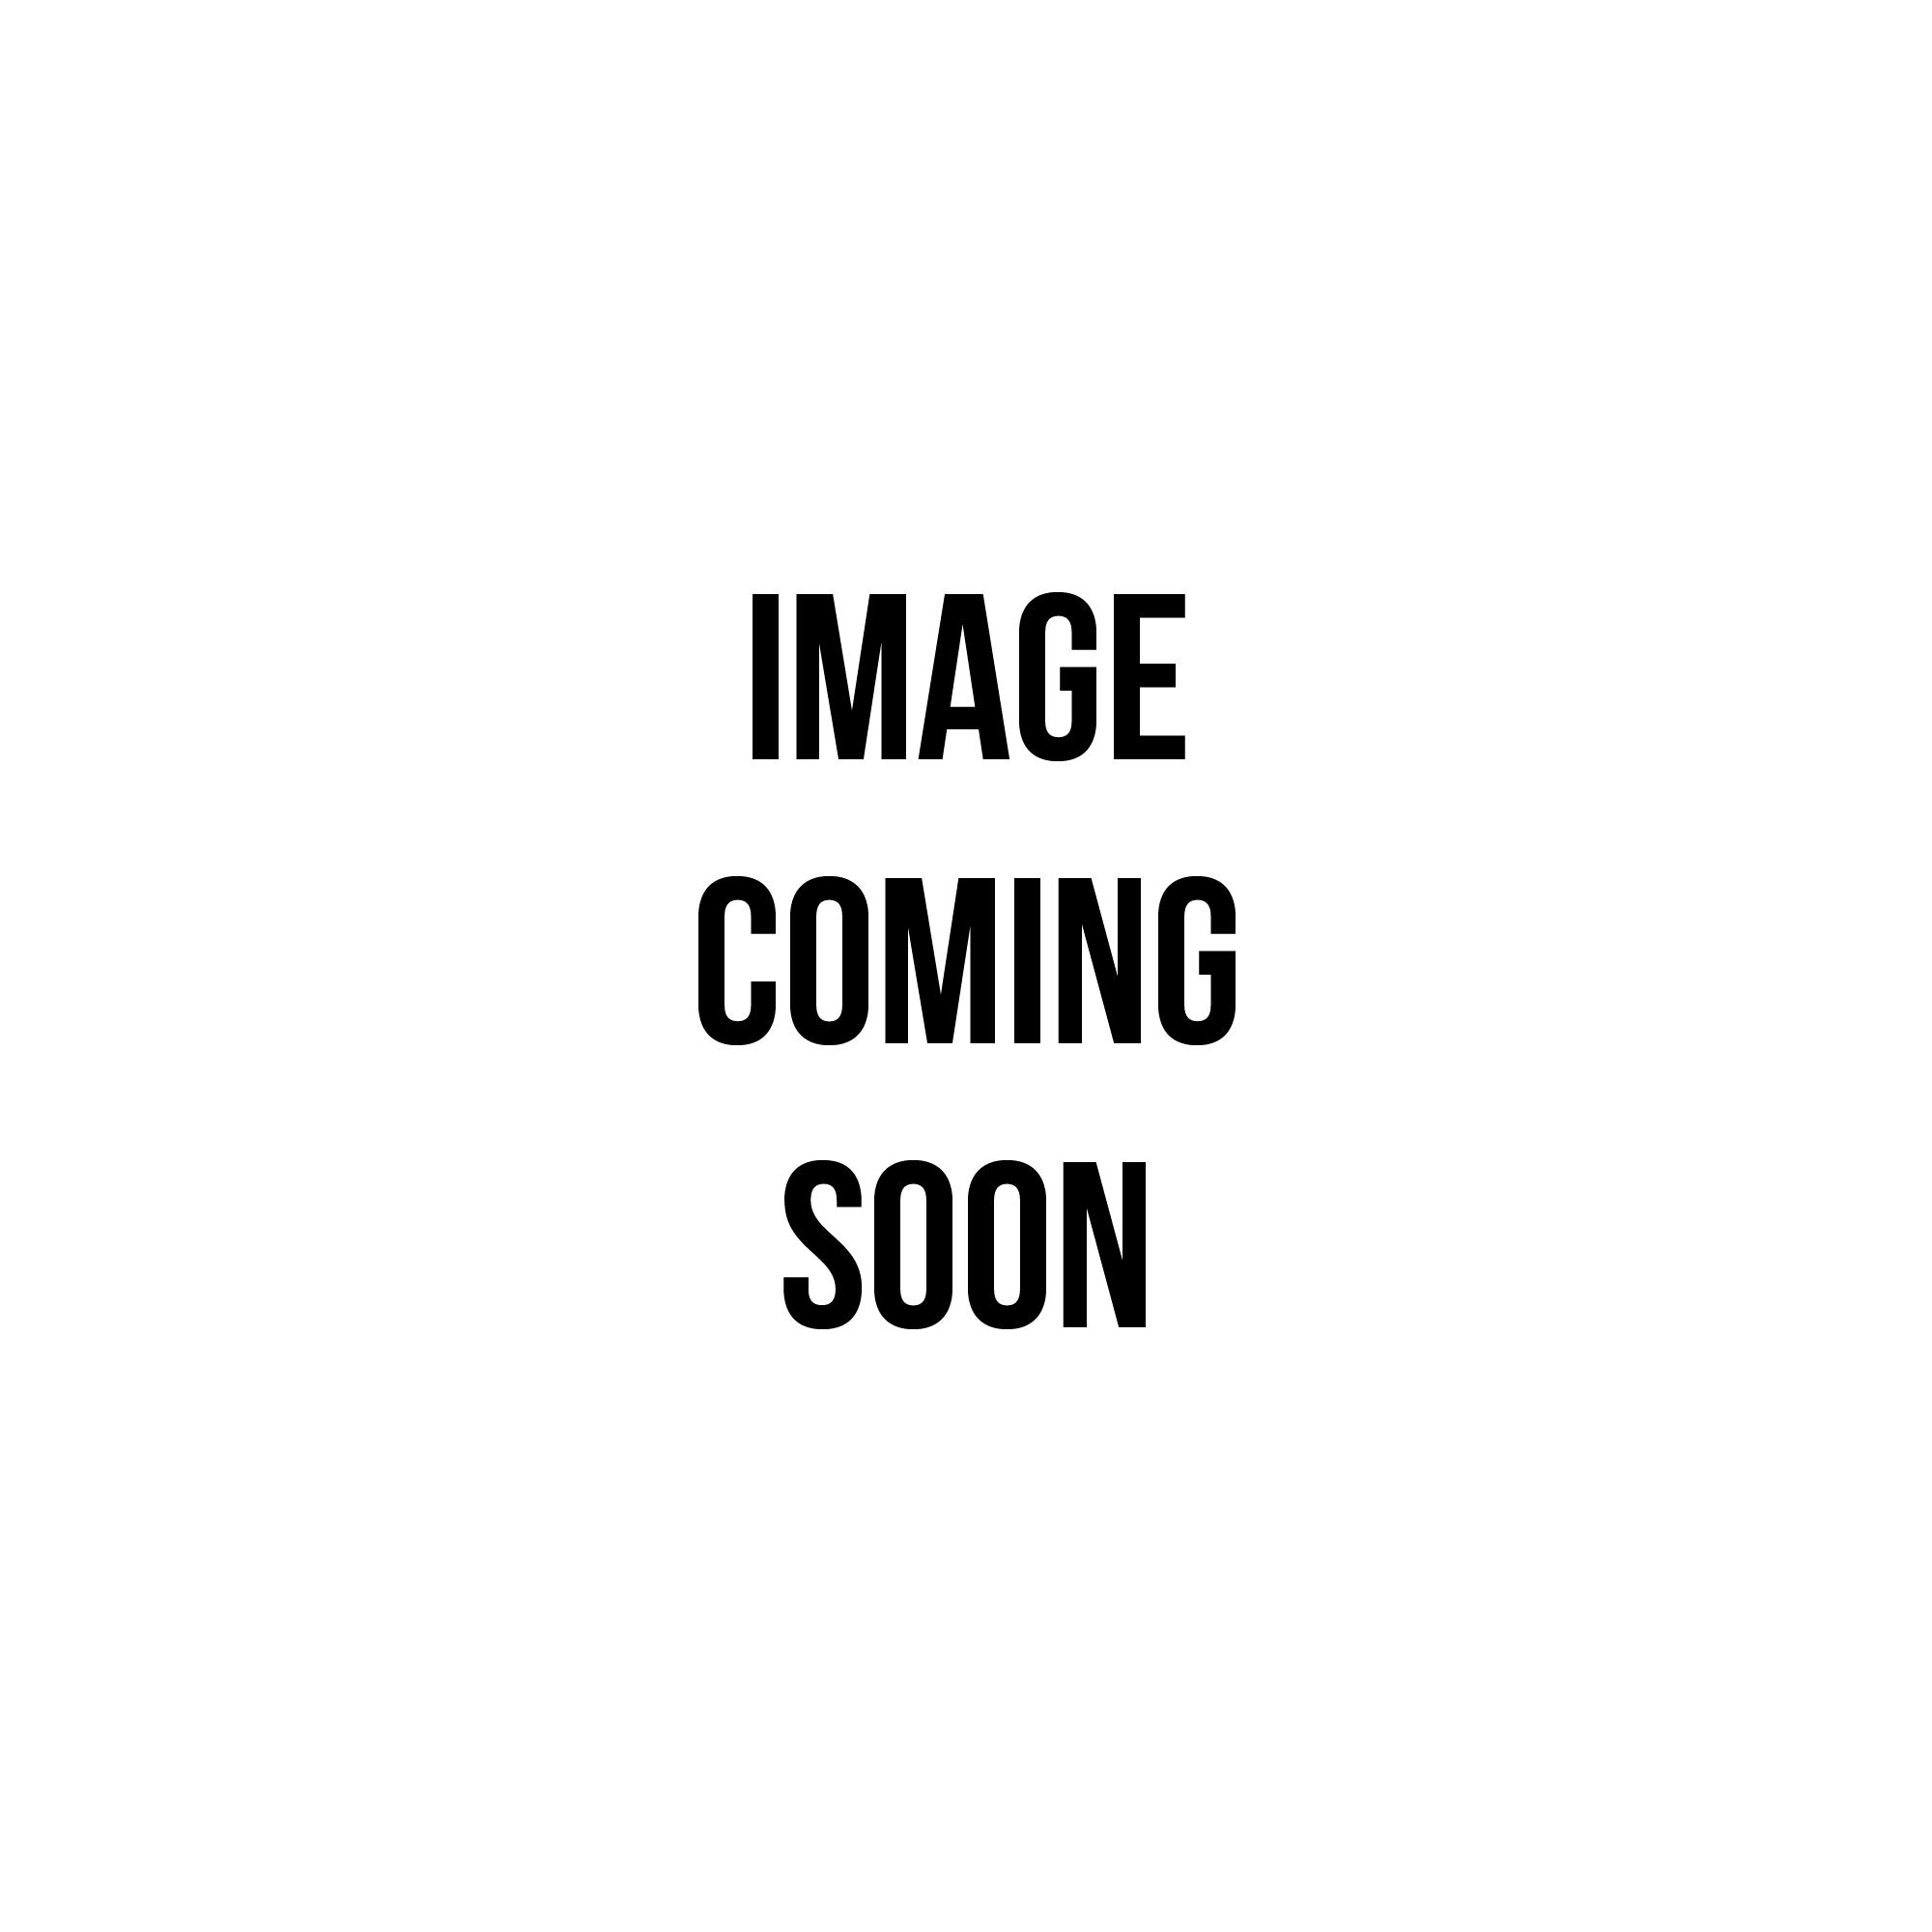 prix pas cher magasin de vente Nike Huarache Taille Noir Et Blanc 7 la sortie confortable professionnel de jeu hKhArxJzYs